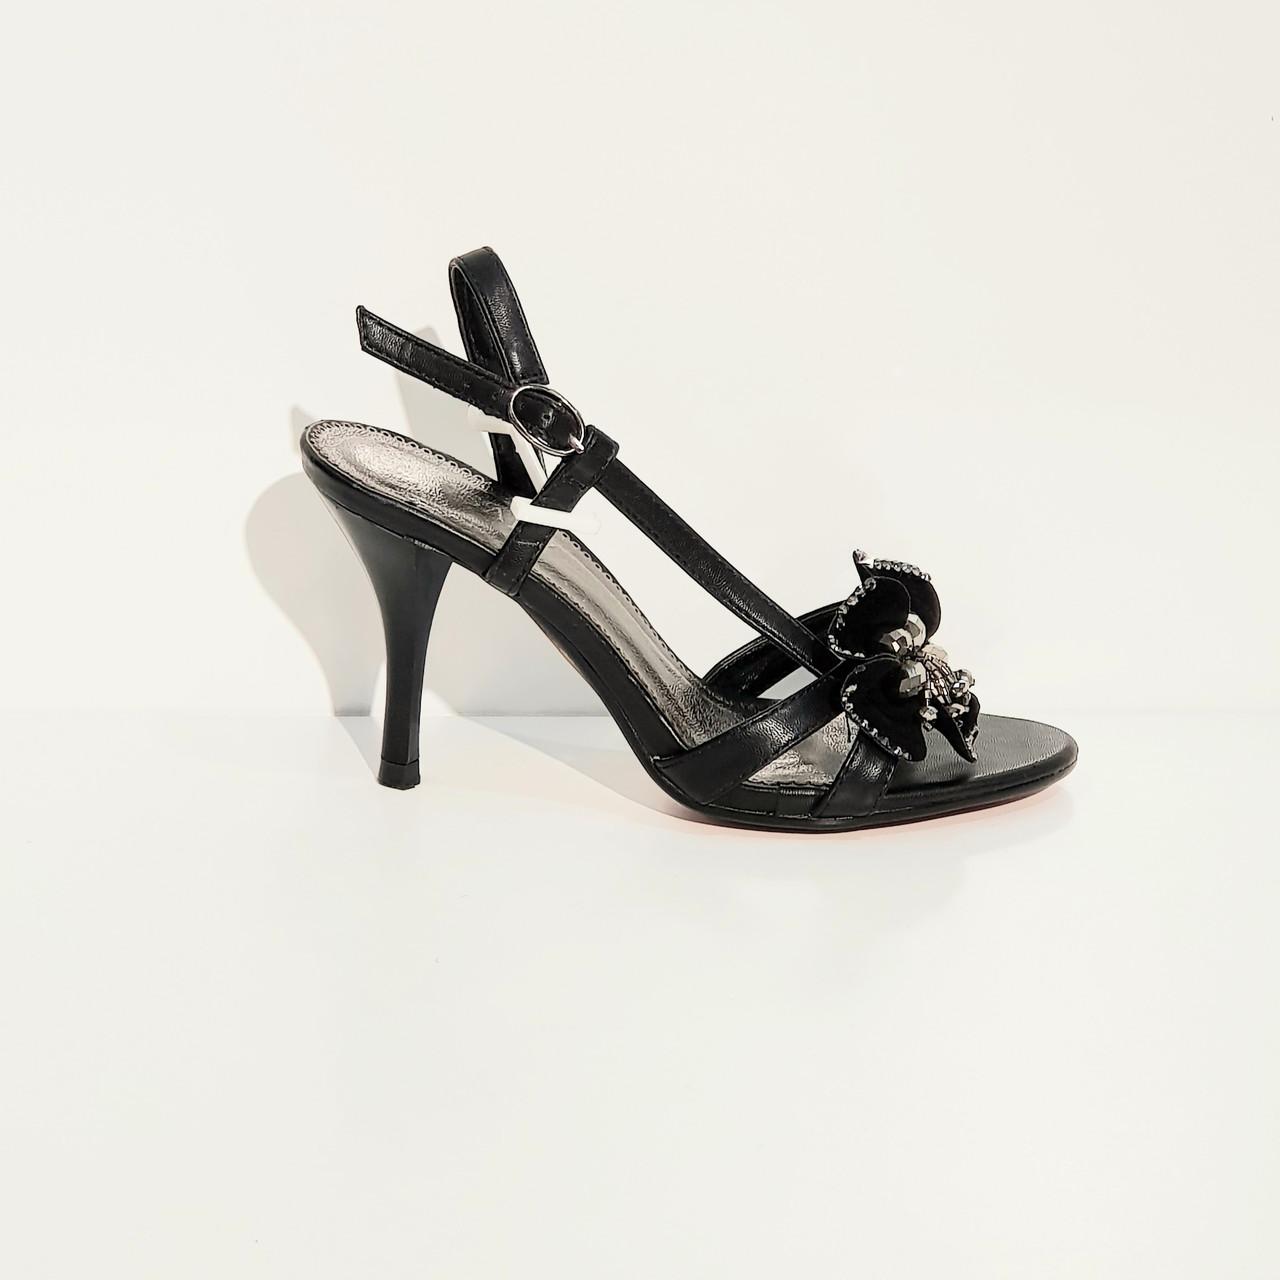 Босоножки женские искусственная кожа на высоком каблуке шпилька черные